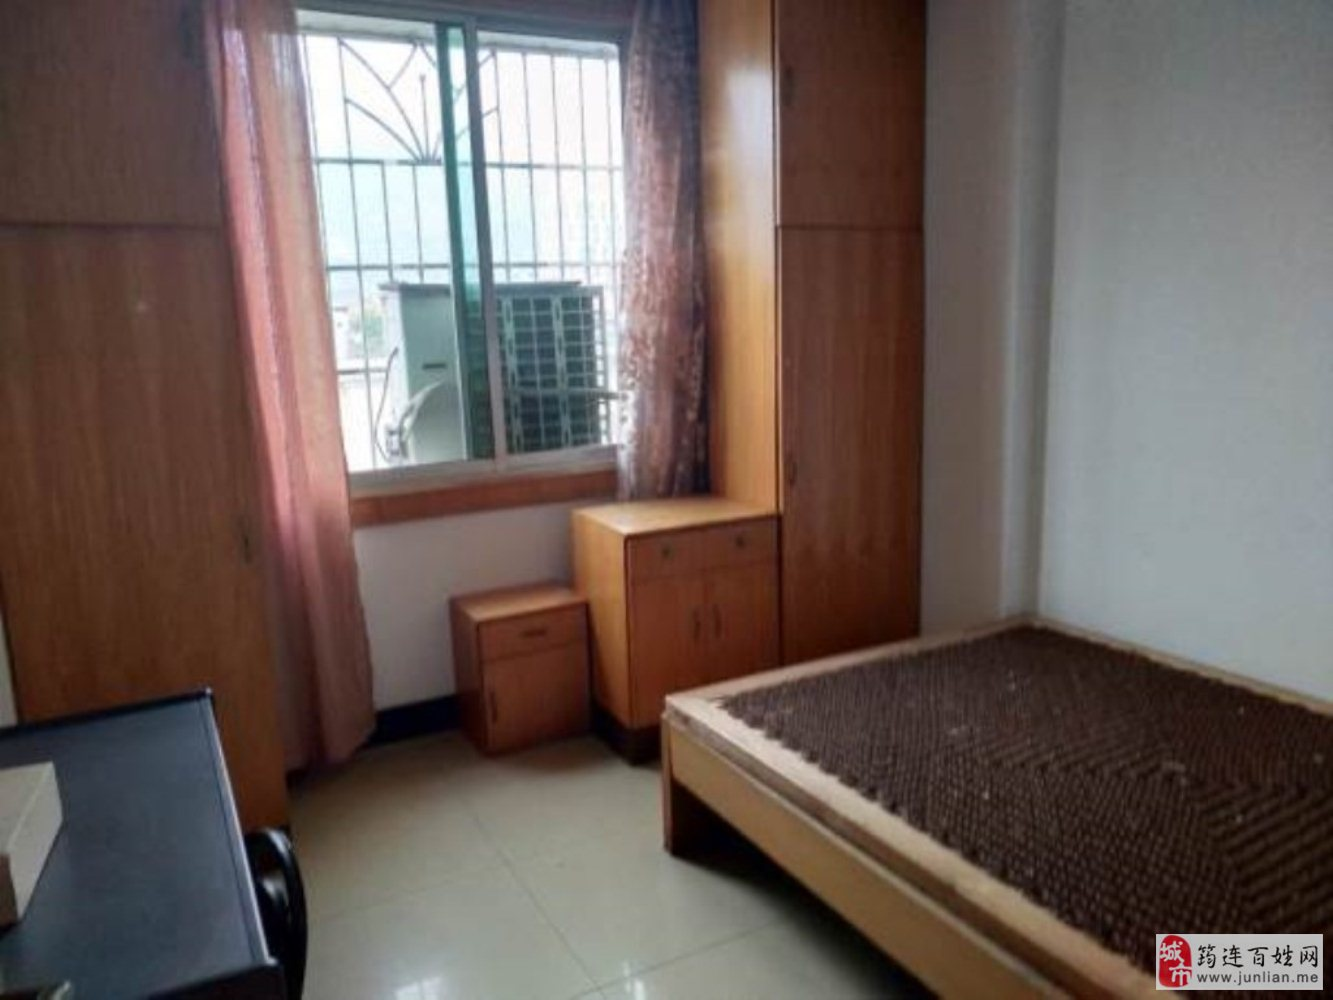 金鑫步行街5室3廳2衛61.8萬元